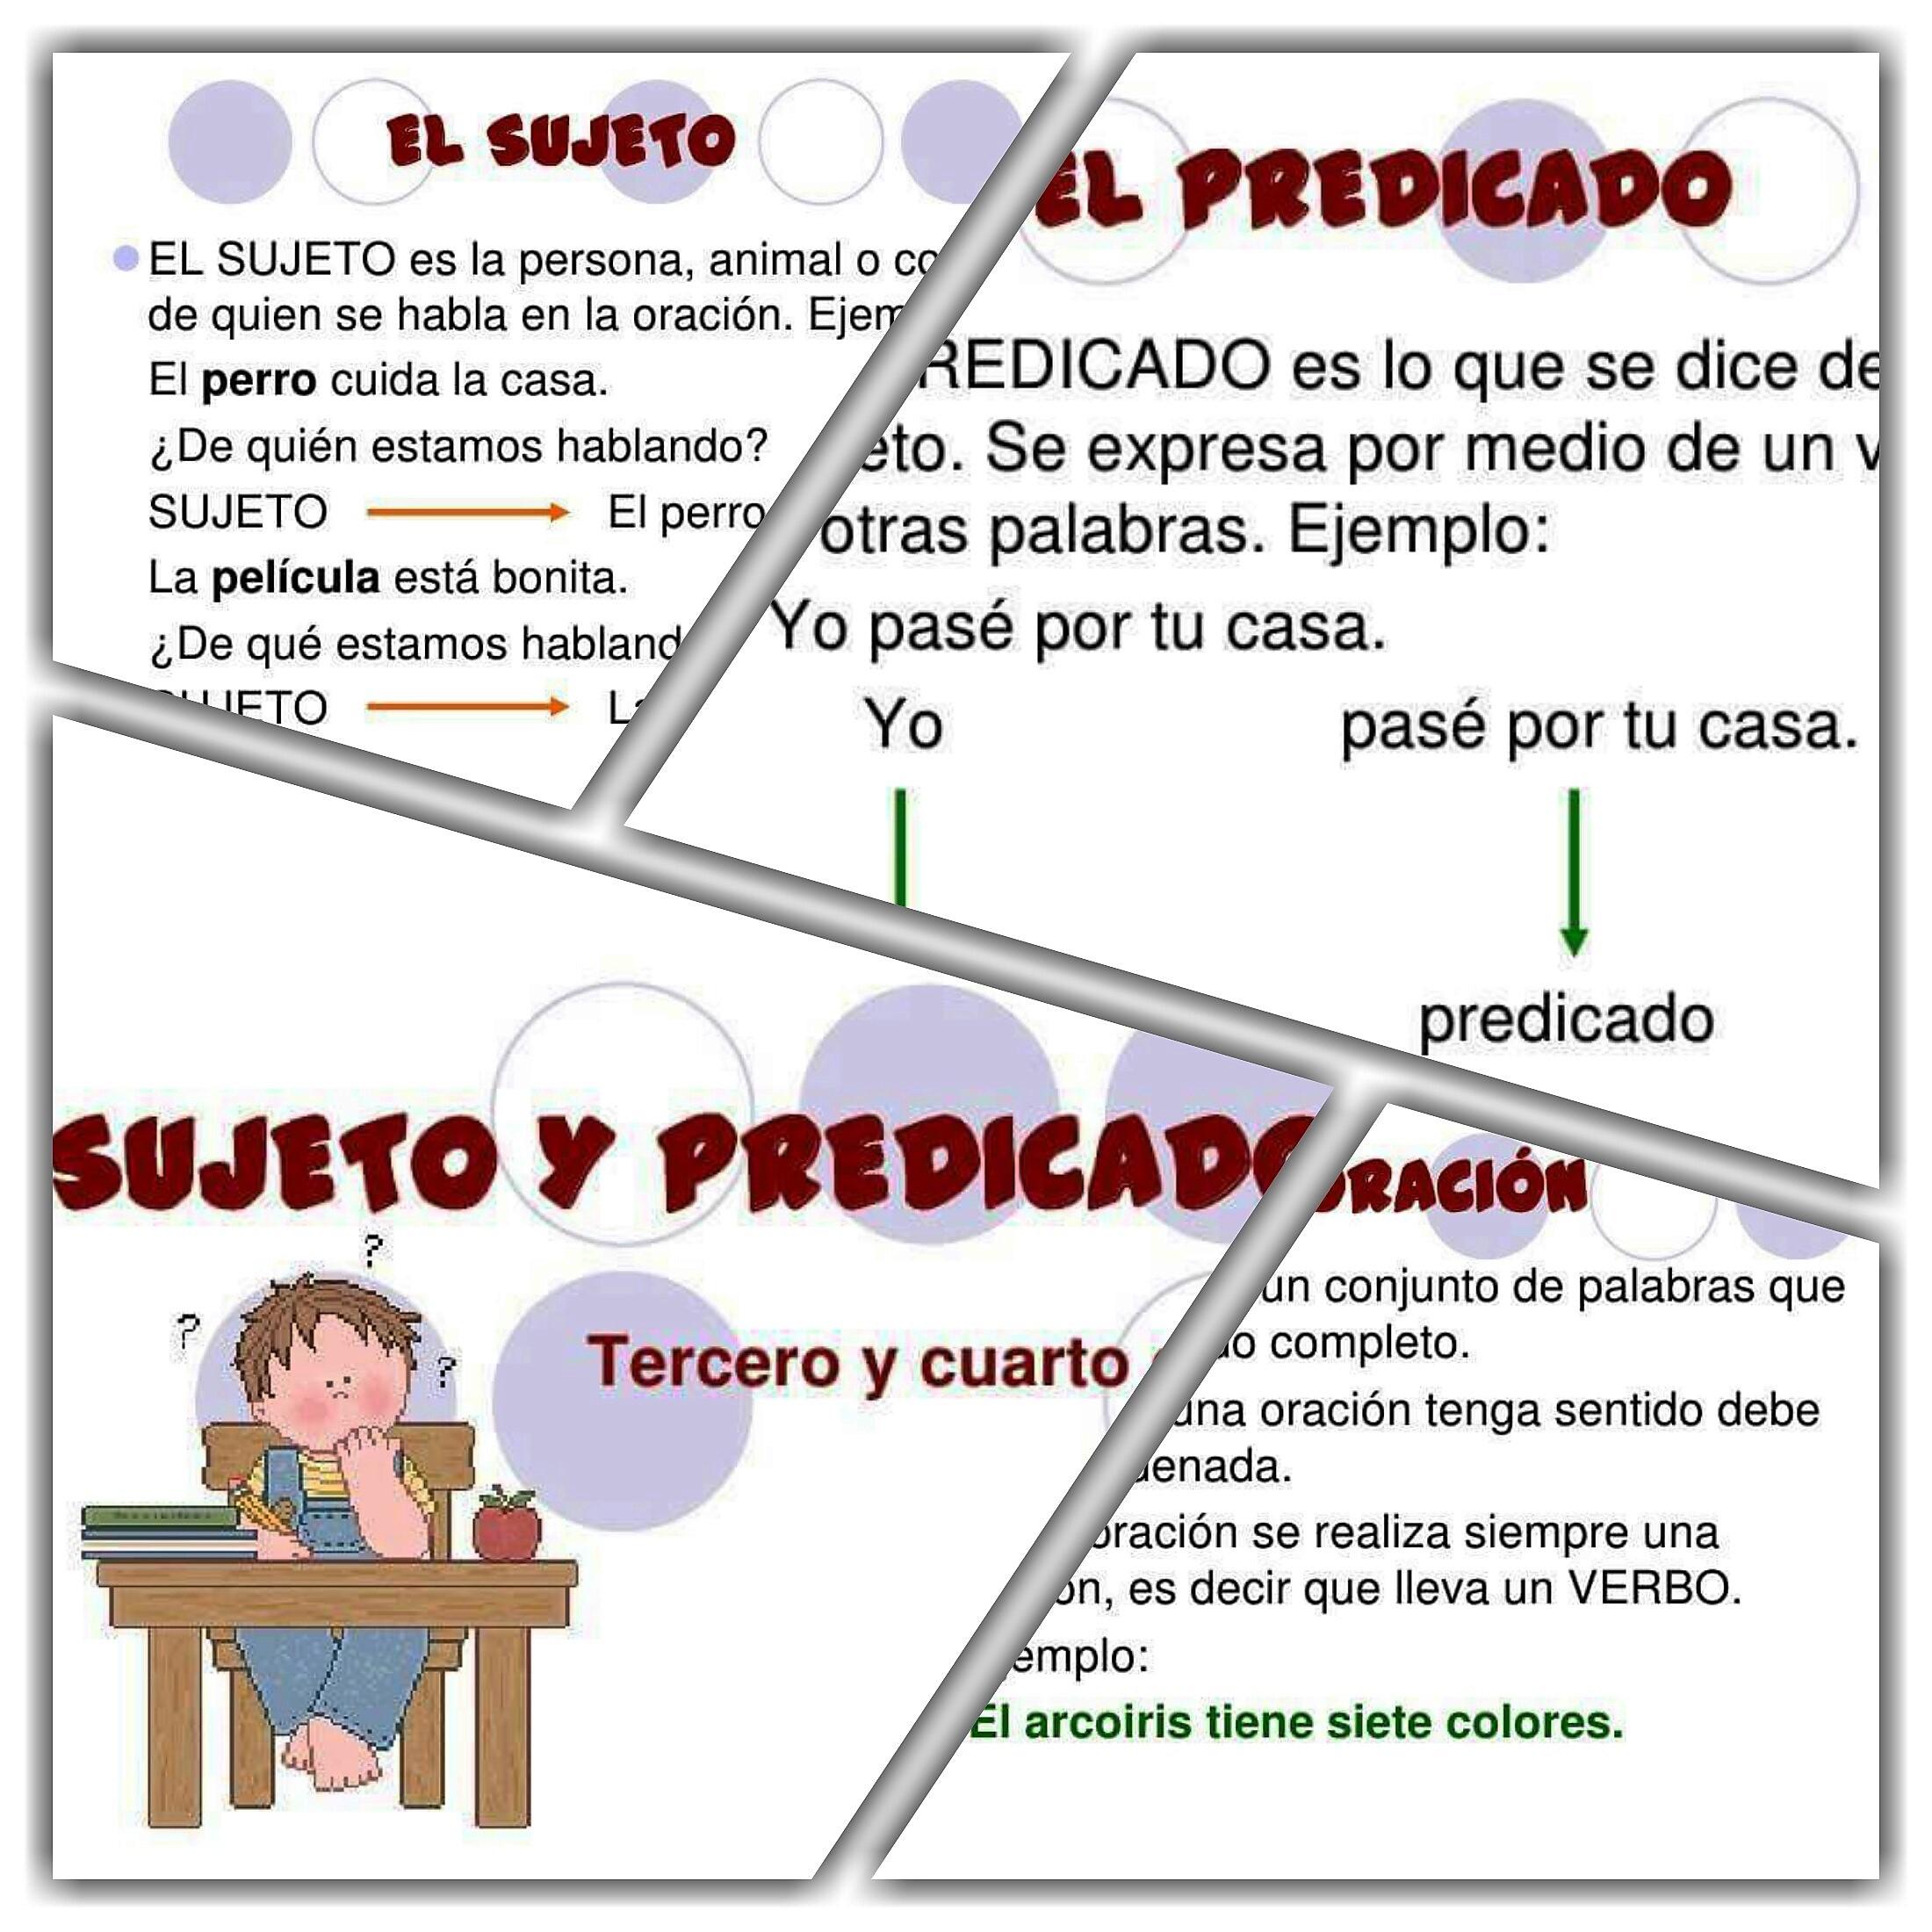 Sujeto y predicado material did ctico y planeaciones for Definicion de cuarto